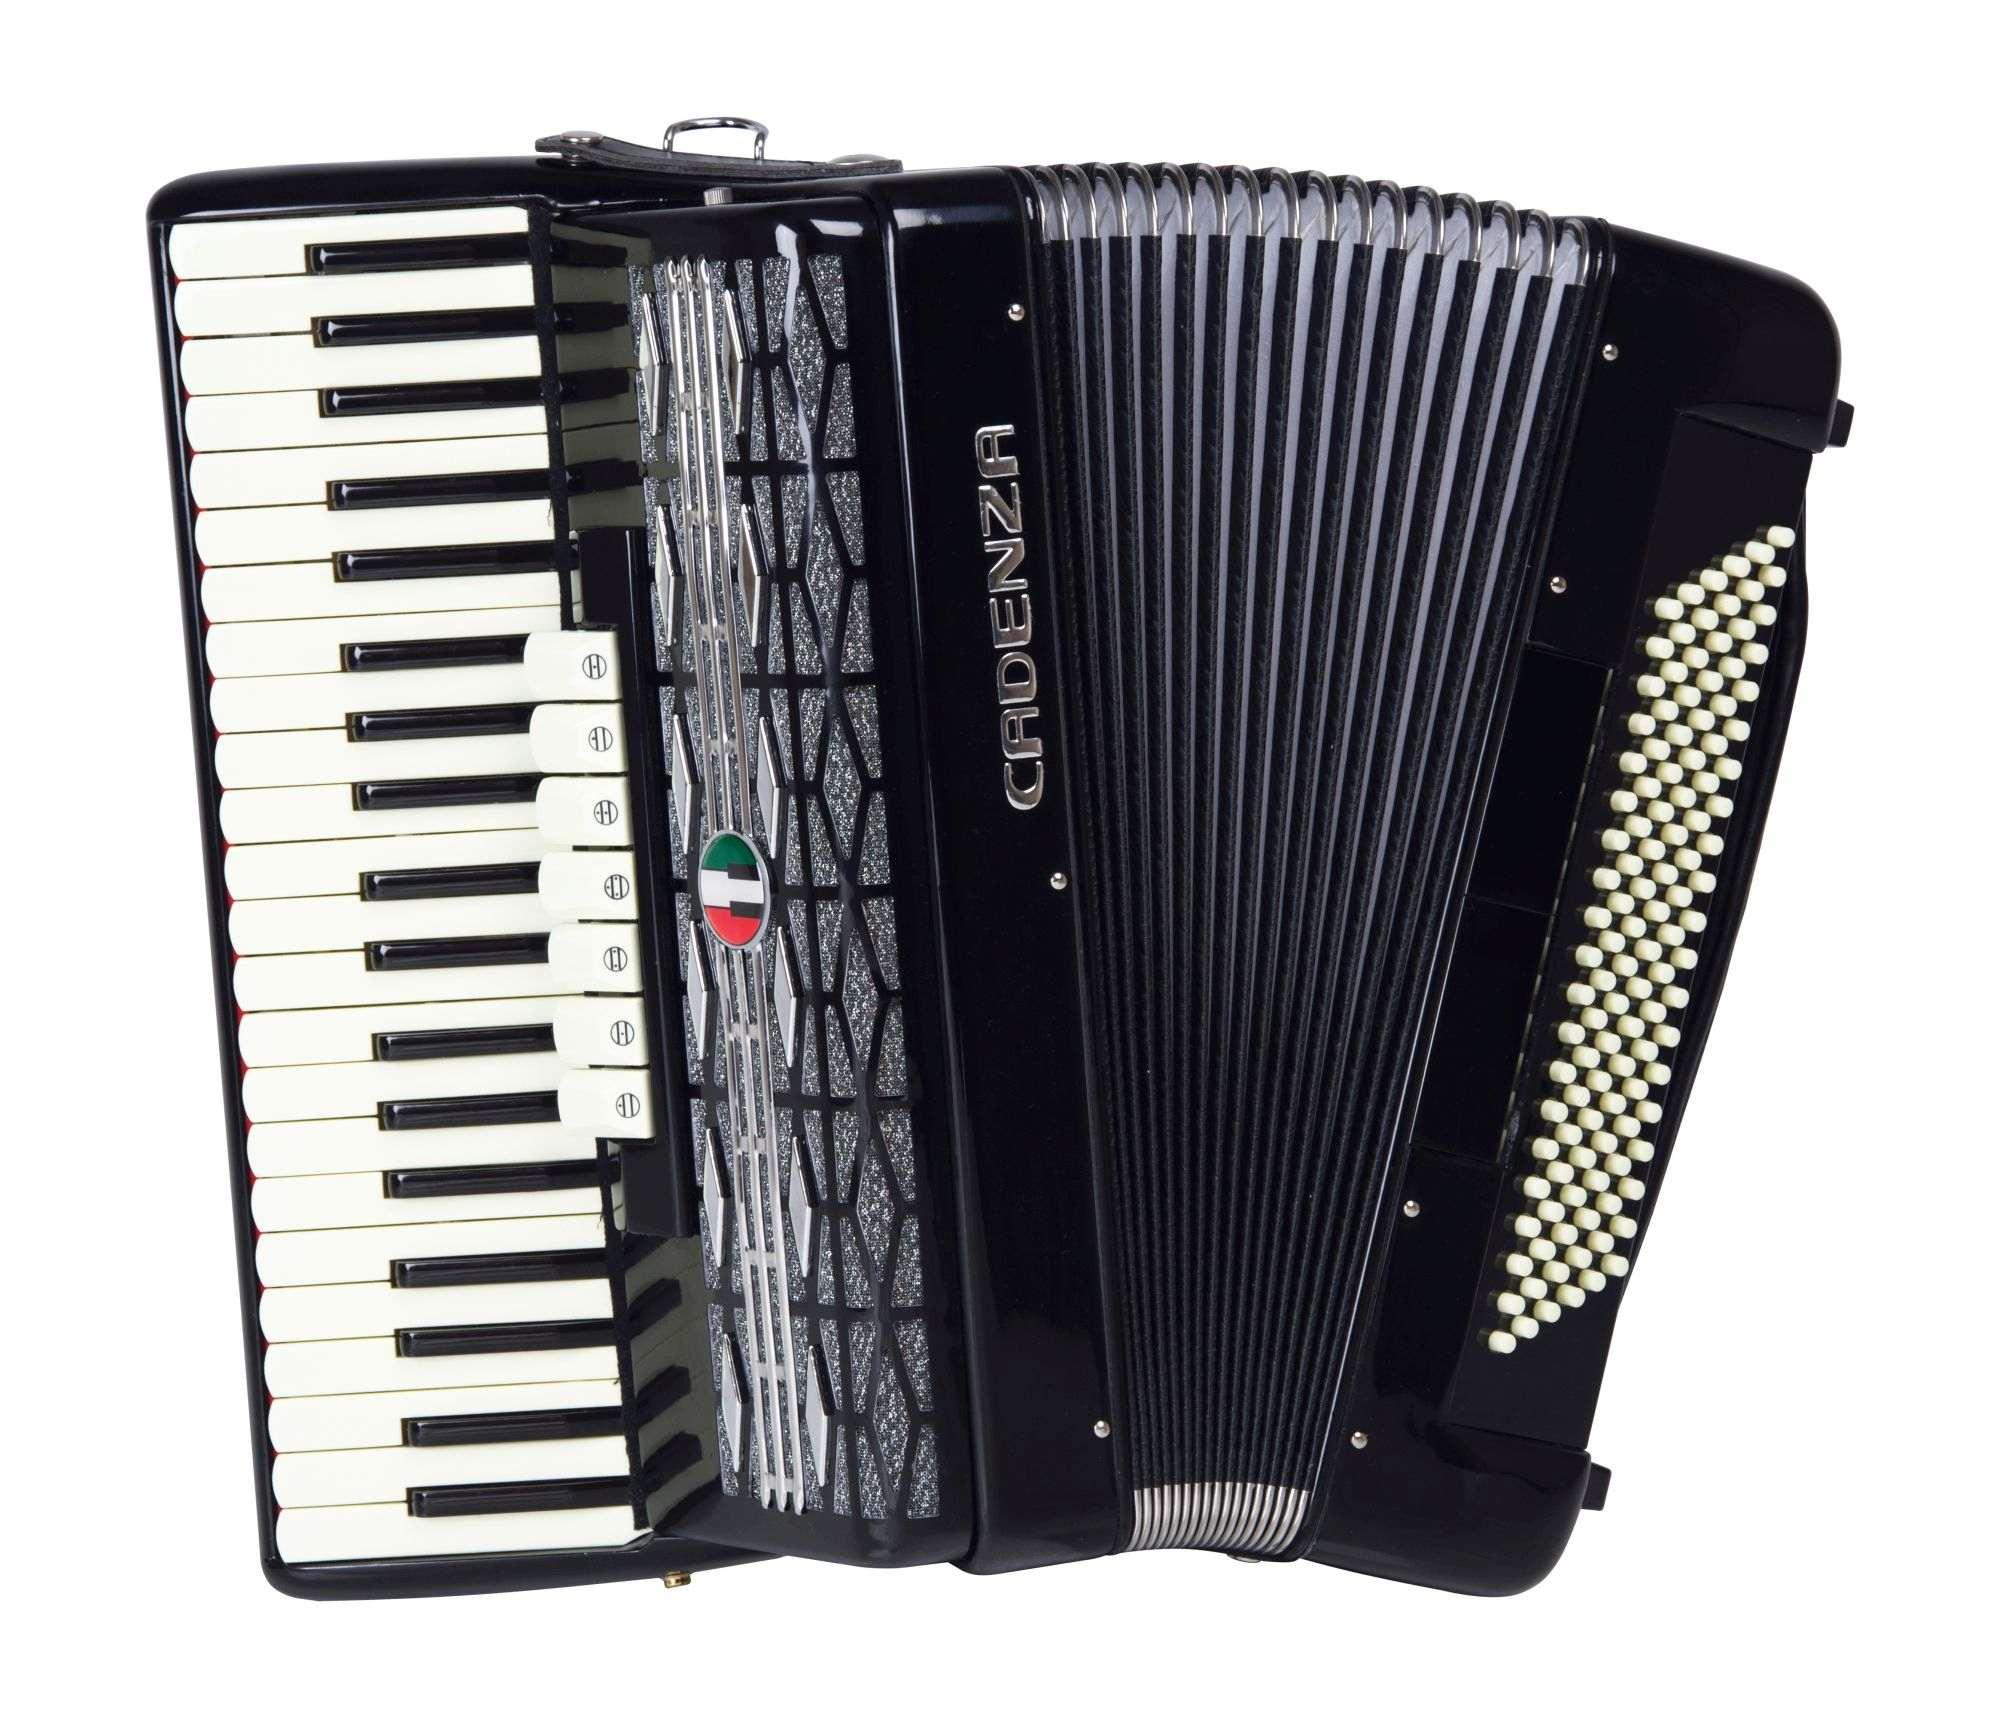 Acordeon Cadenza Cd120b/41 Bk (preta)